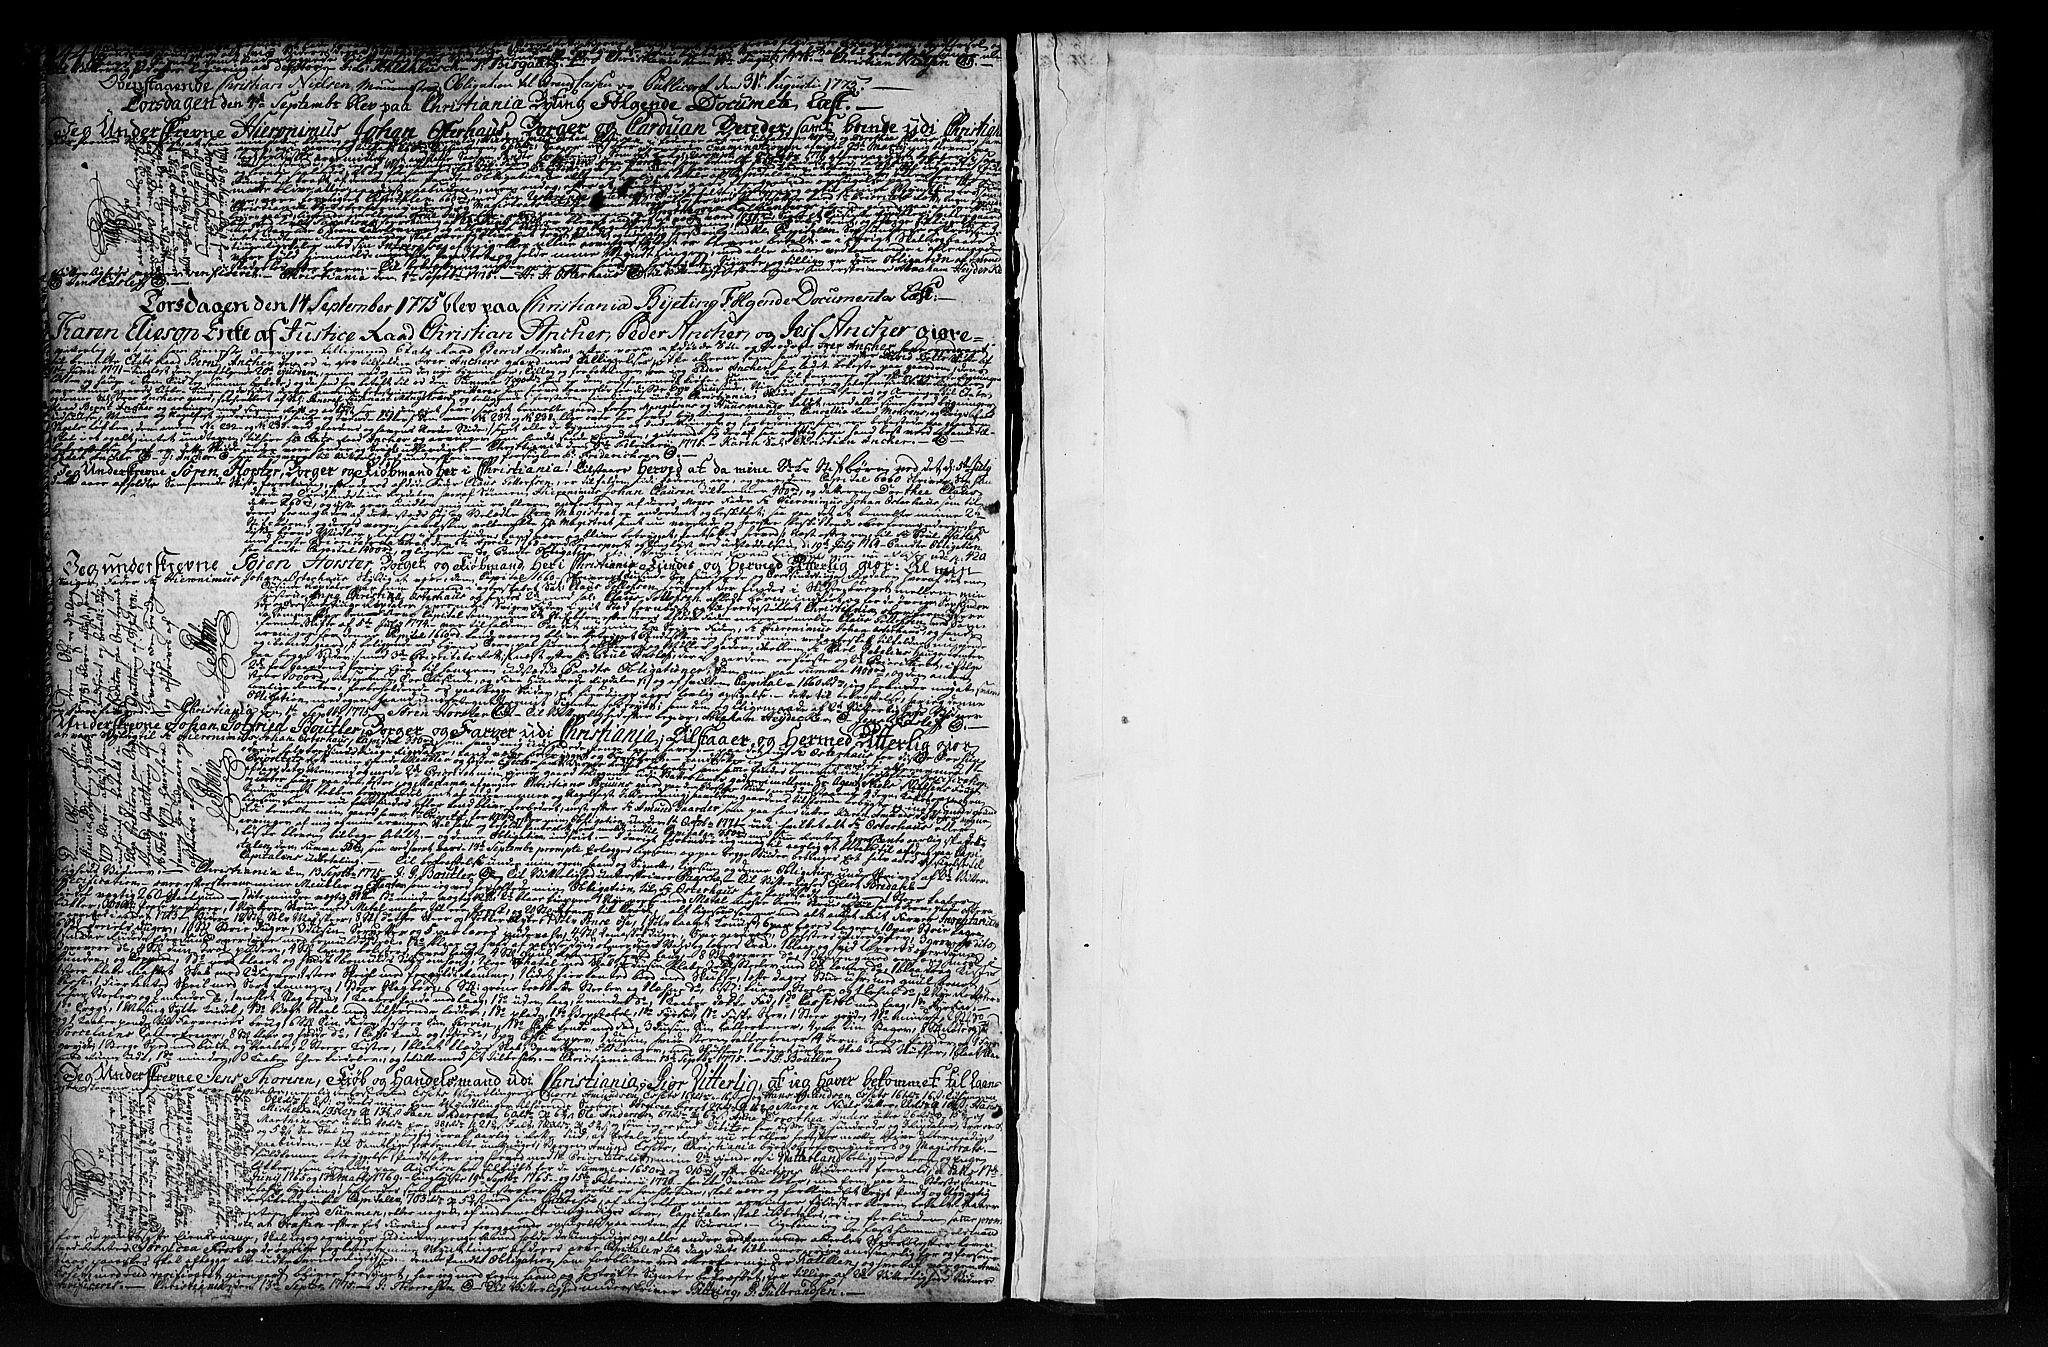 SAO, Christiania byfogd, G/Gb/Gba/L0009a: Pantebok nr. 9a, 1764-1775, s. 448